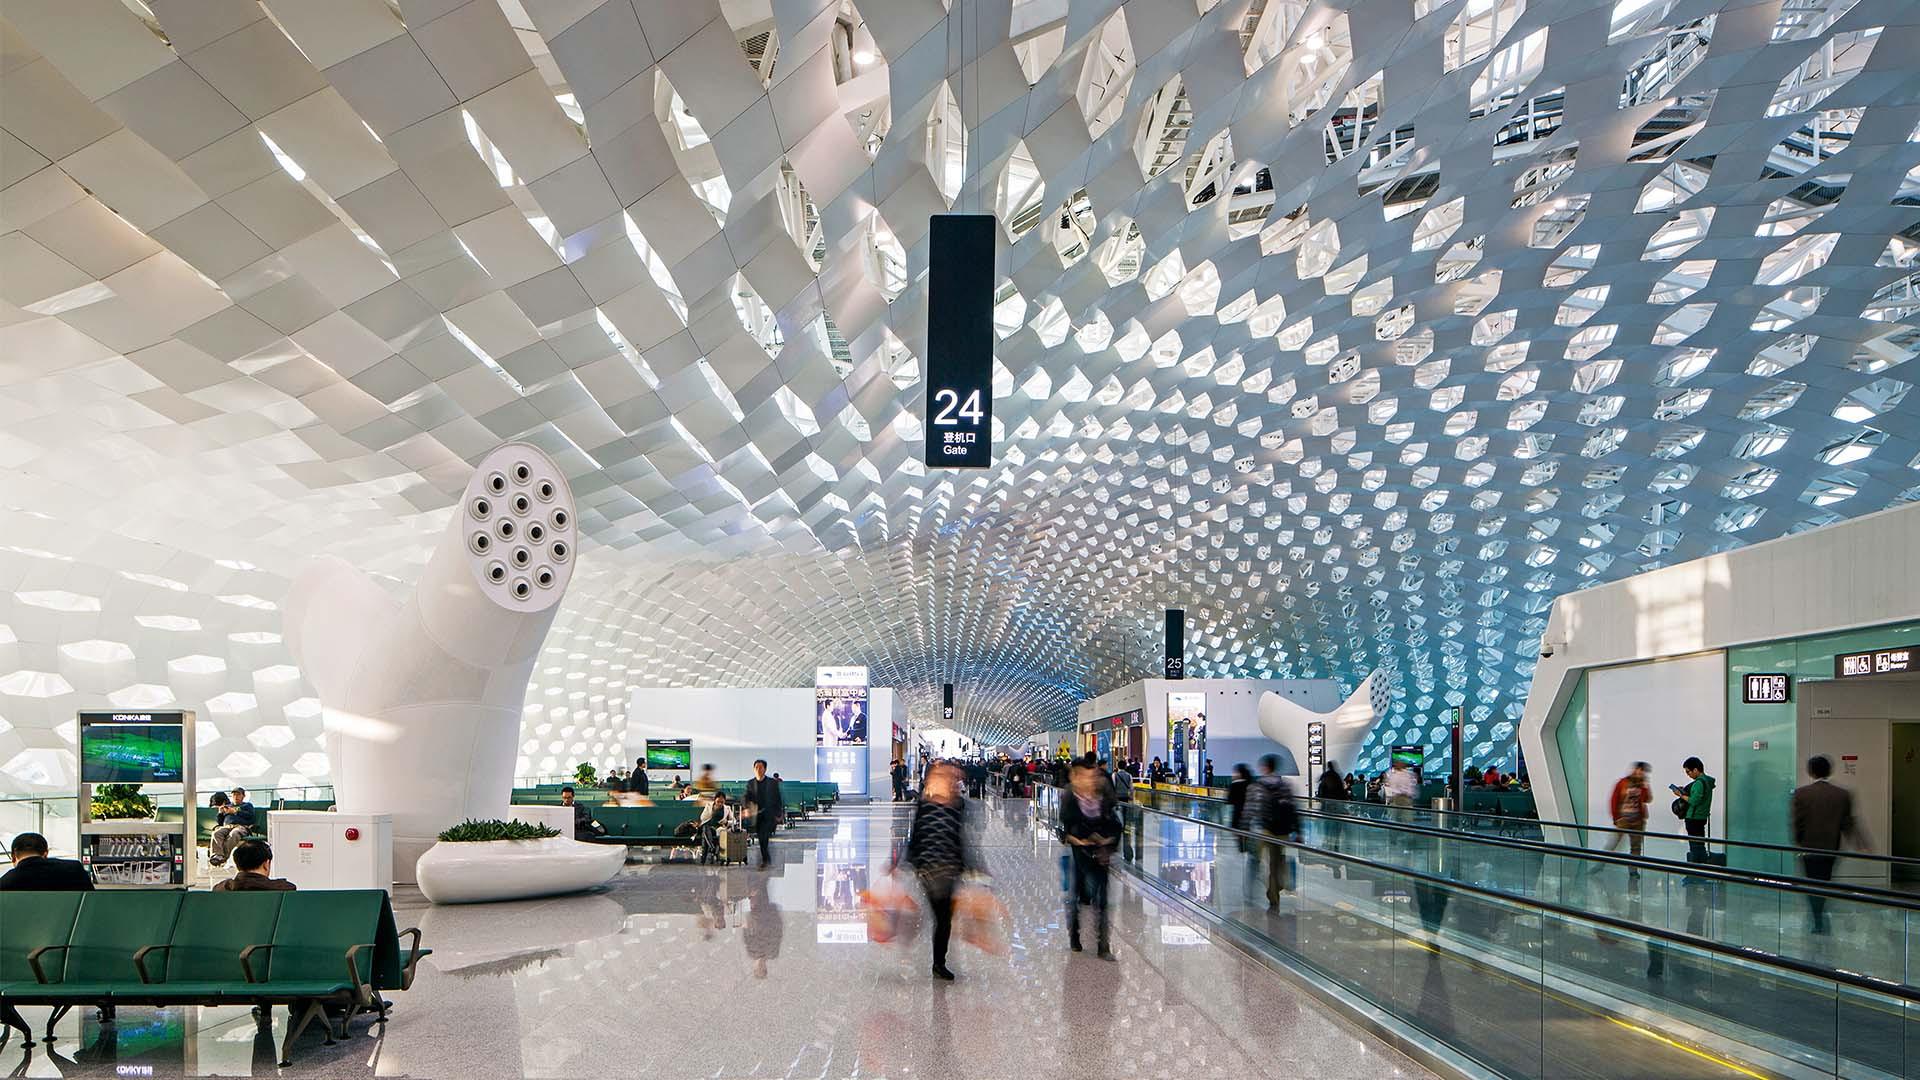 Concourse at Shenzen Bao'an Airport, Guangdong, China